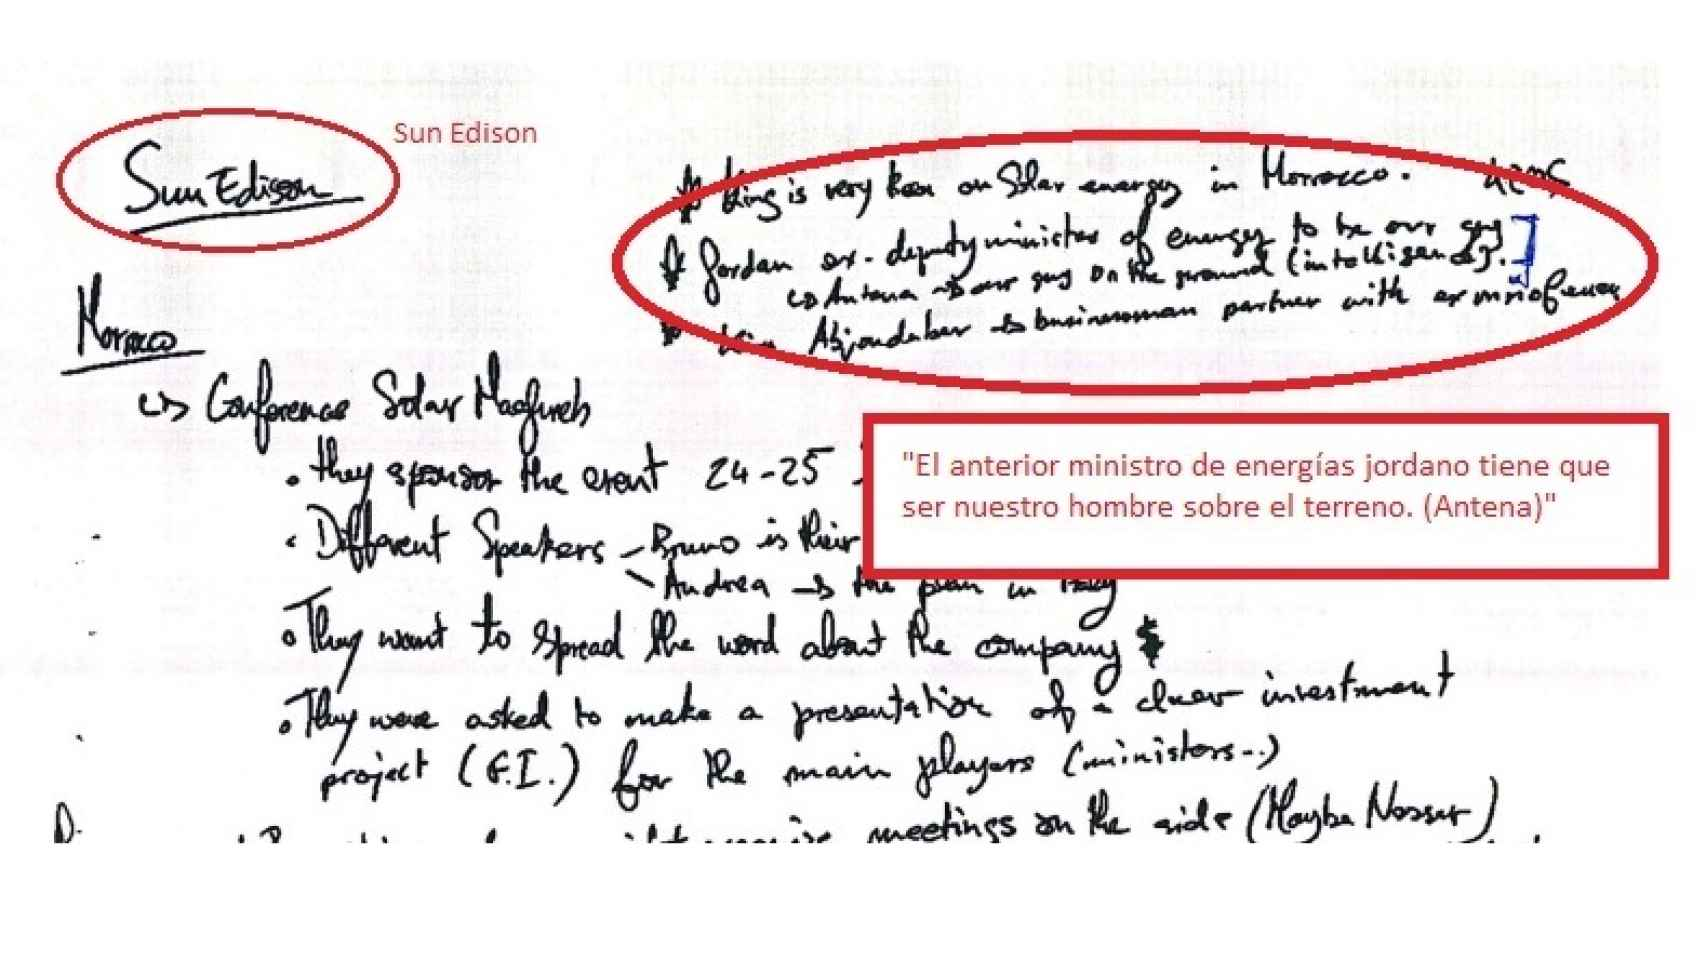 Uno de los manuscritos sobre las reuniones con Sun Edison